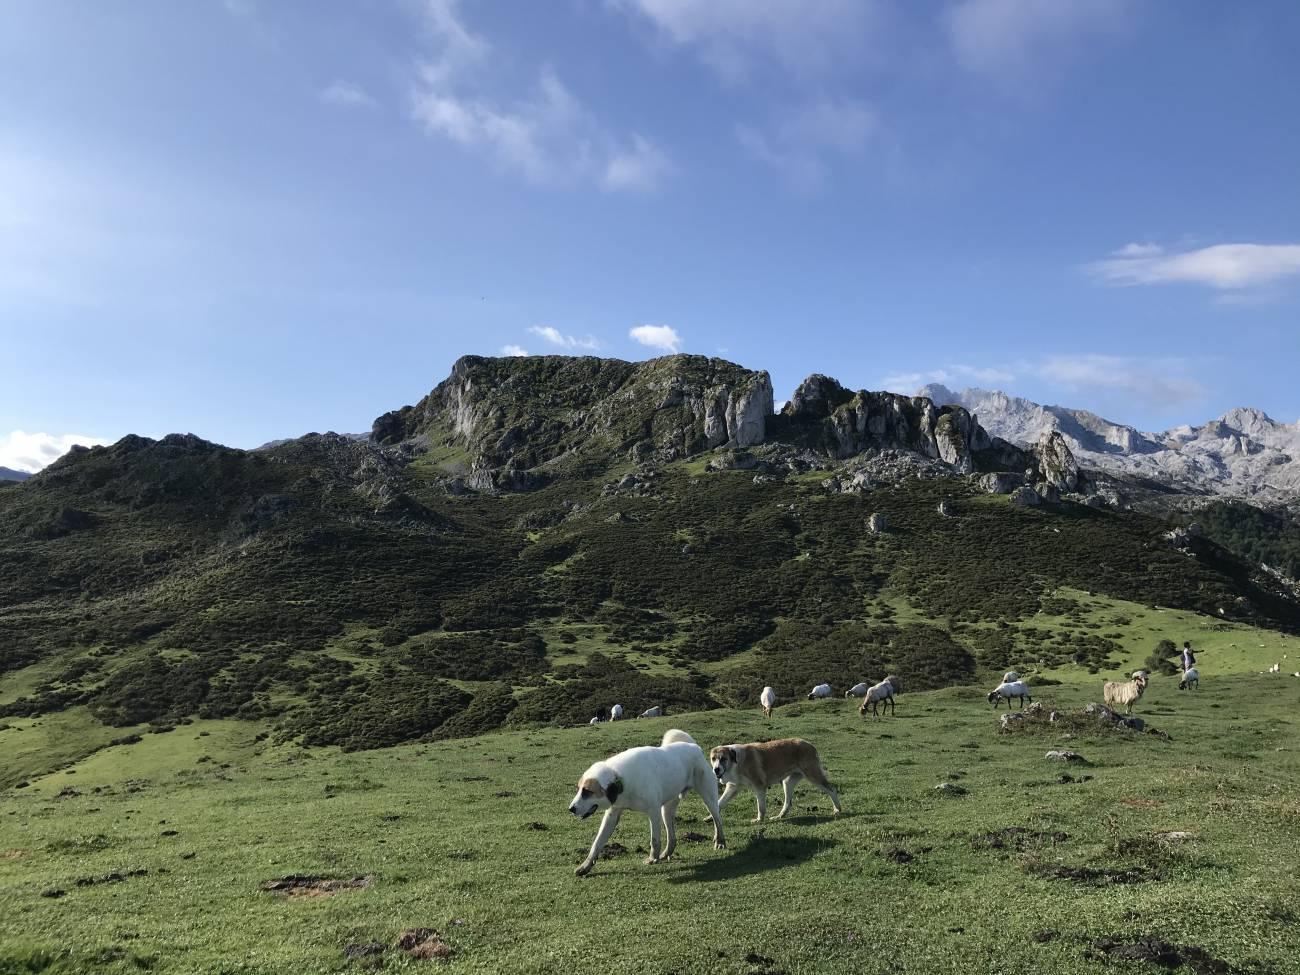 Perros guardianes en Asturias. / Hanna Petter